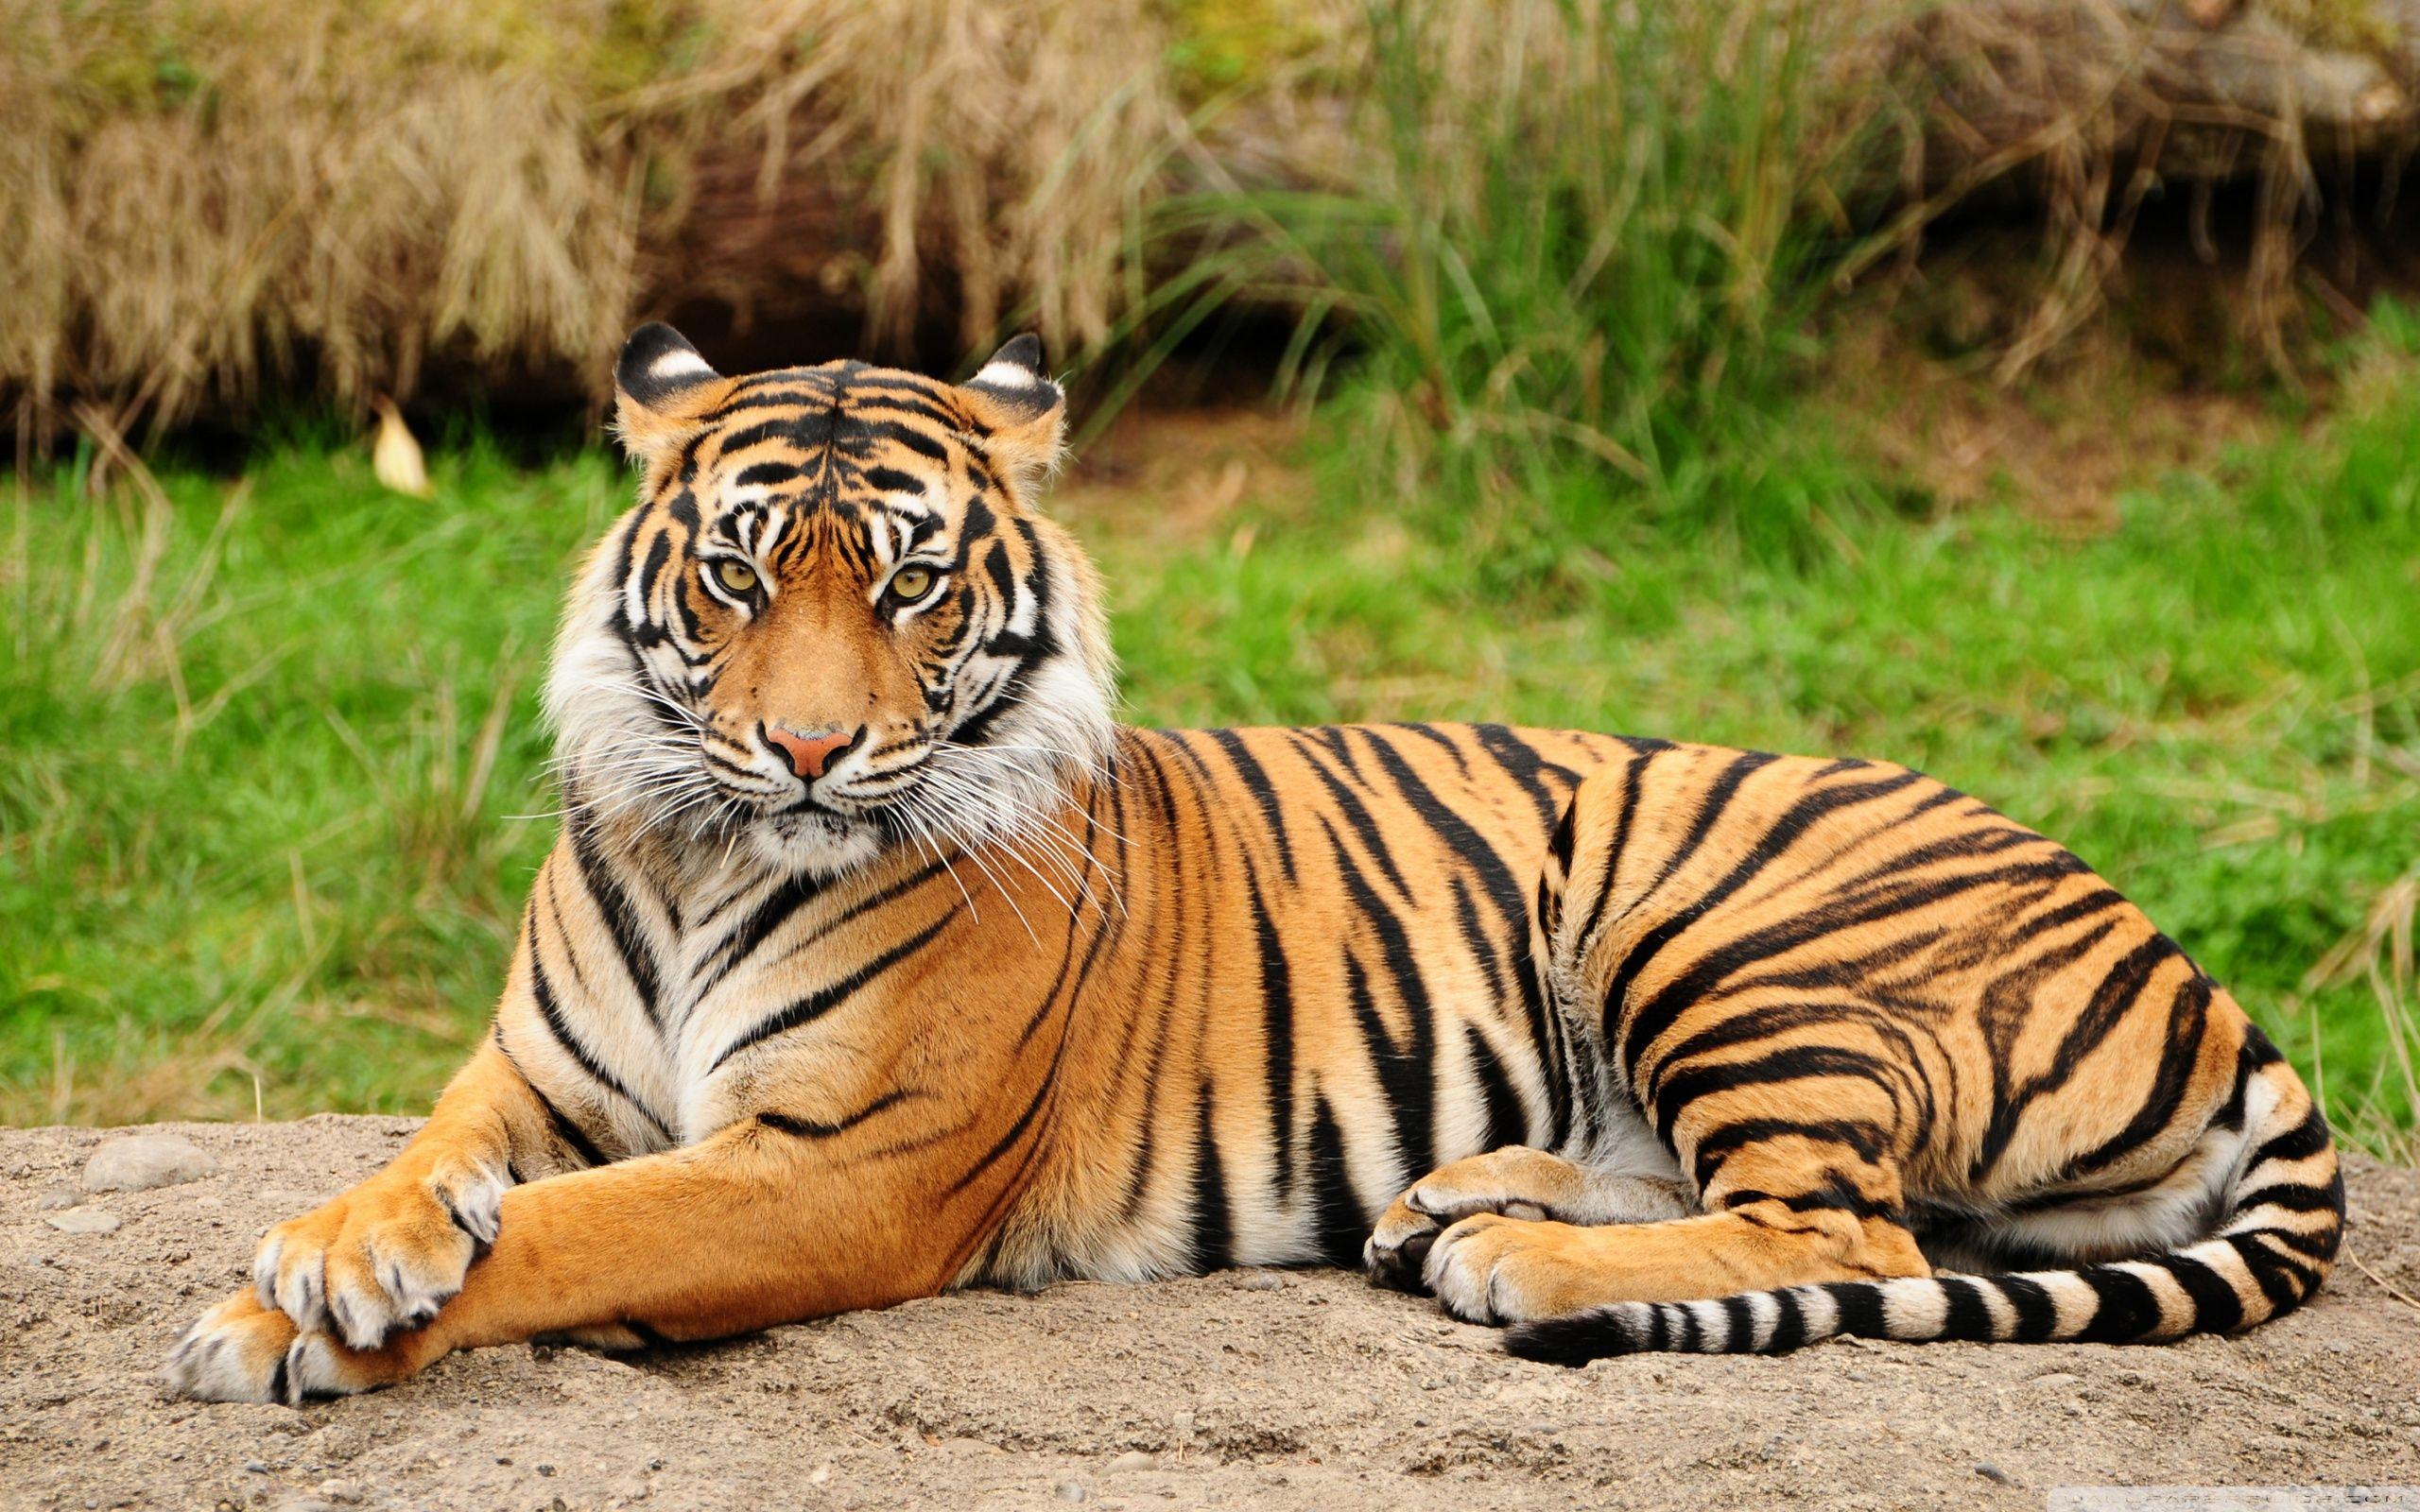 tiger hd images get